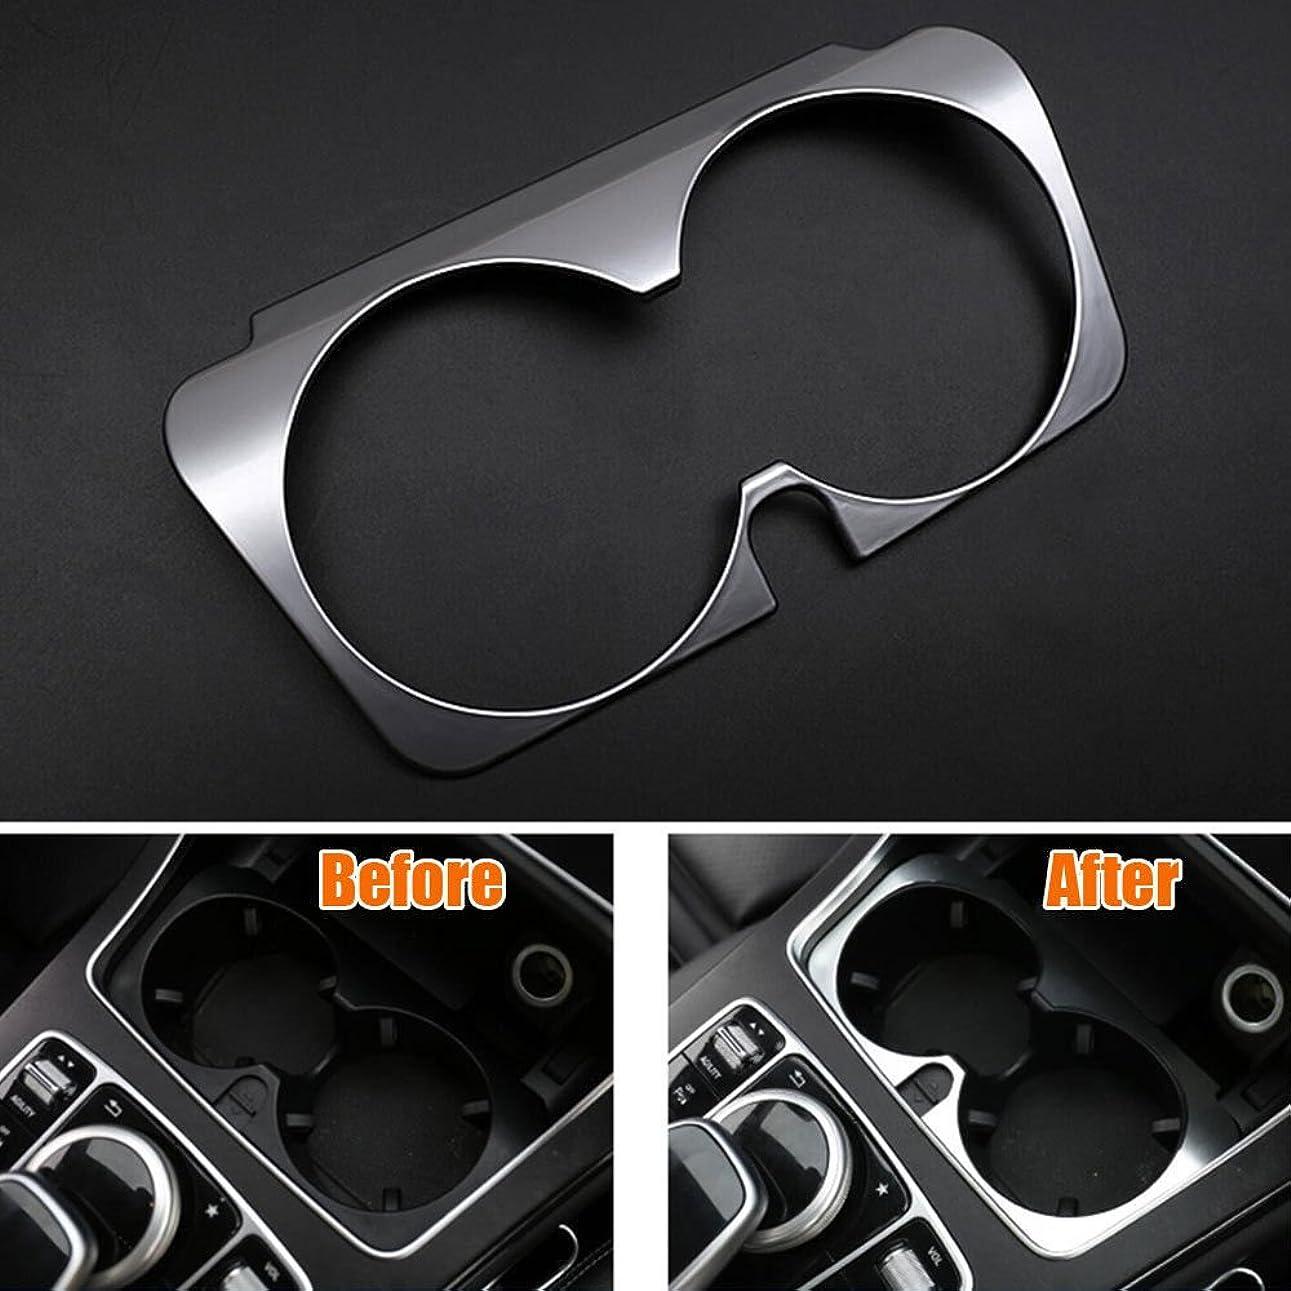 持続的原因閃光Jicorzo - Console Water Cup Holder Cover Trim Frame Interior Chrome ABS Car-styling Sticker For Mercedes Benz GLC 2016 Car Accessories